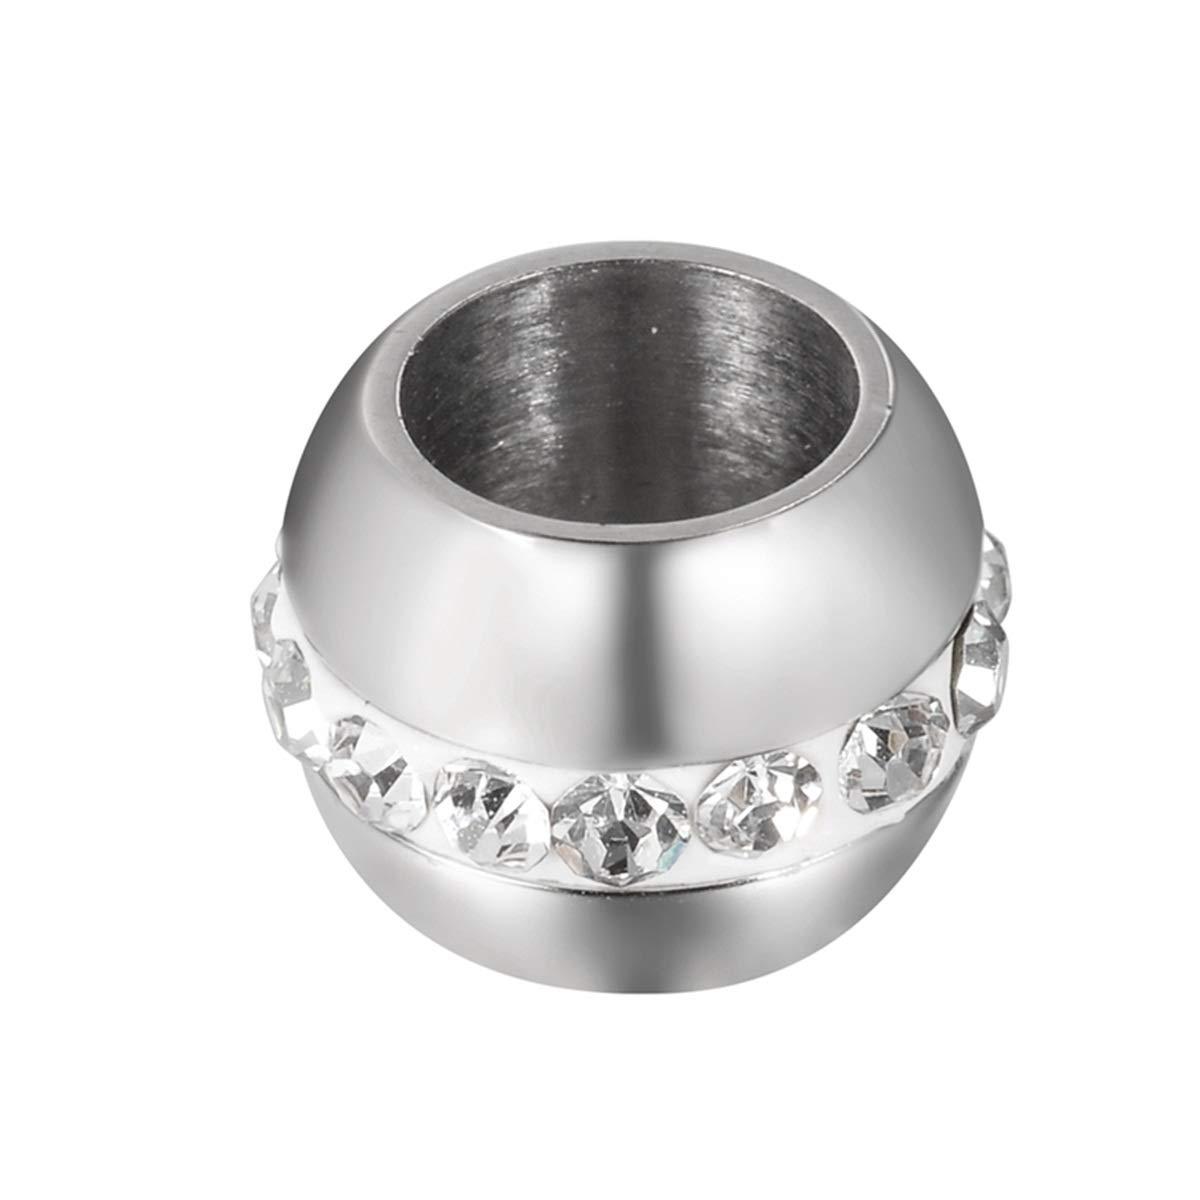 Perlen mit groß em Loch, Silberfarben und Strasssteinen, fü r Schmuckherstellung, 1 Stü ck Honglang